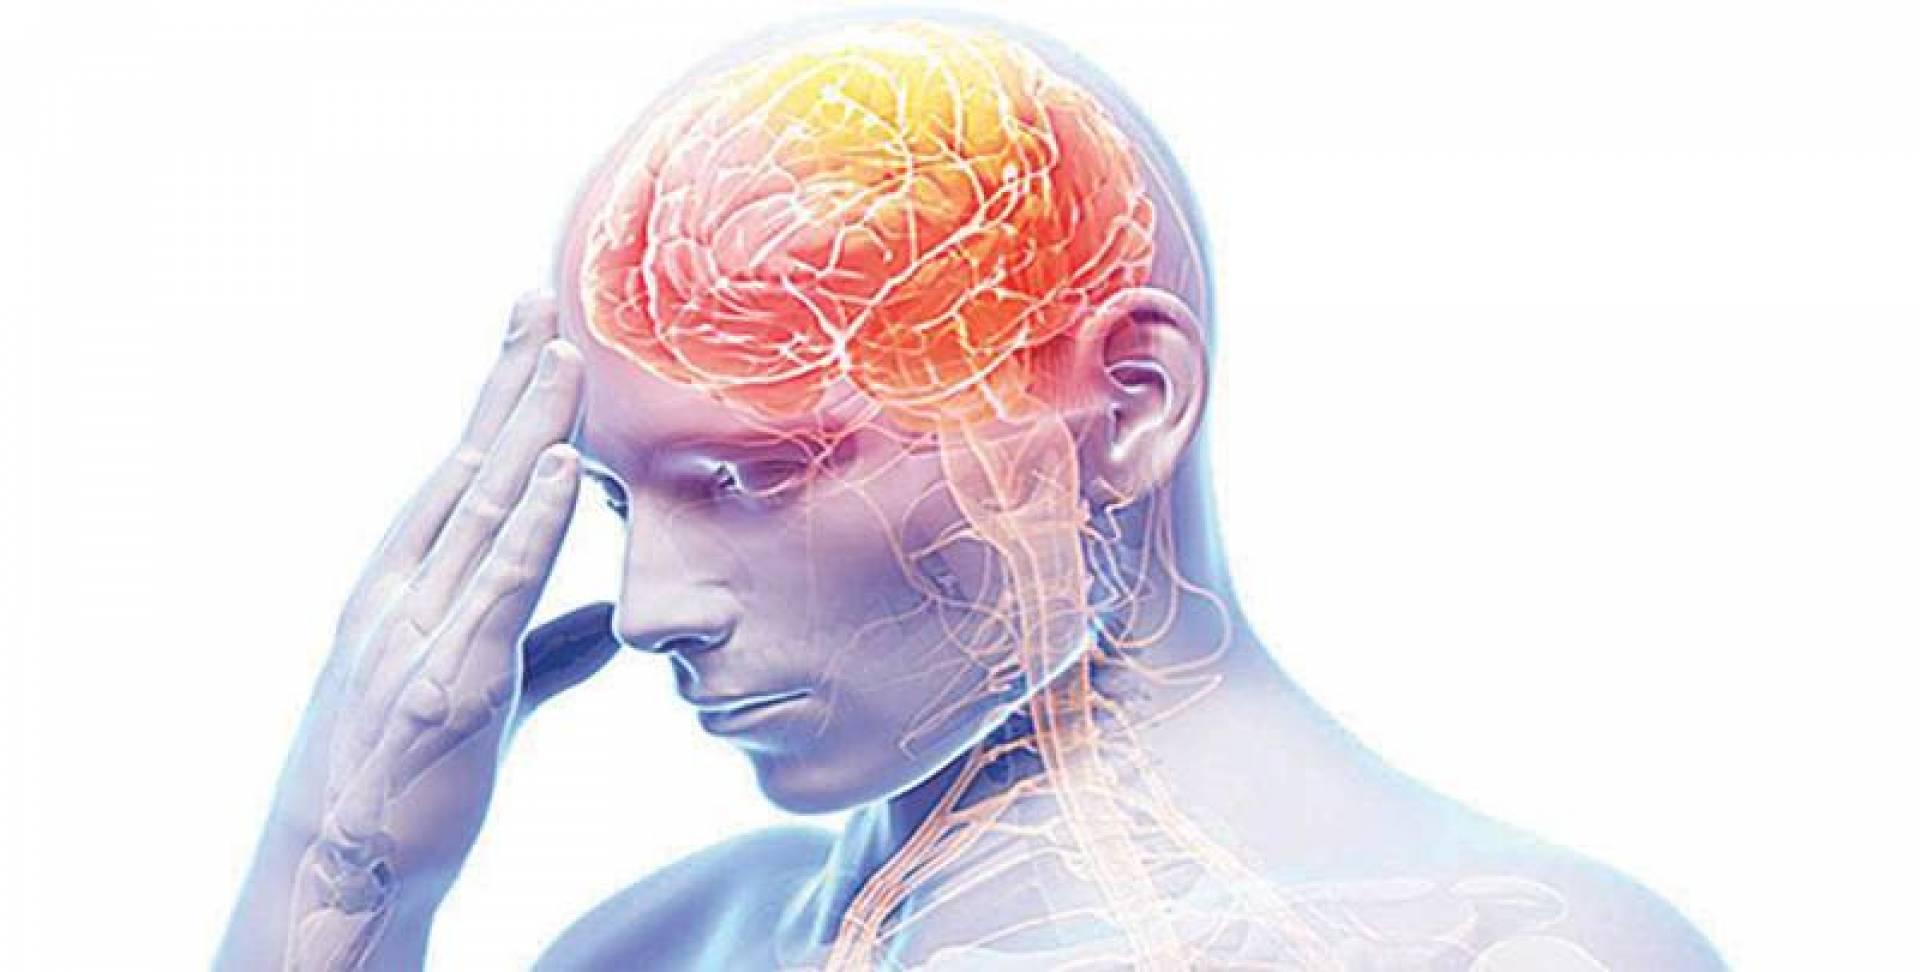 أخطاء طبية في تشخيص حالات التصلب اللويحي المتعدد